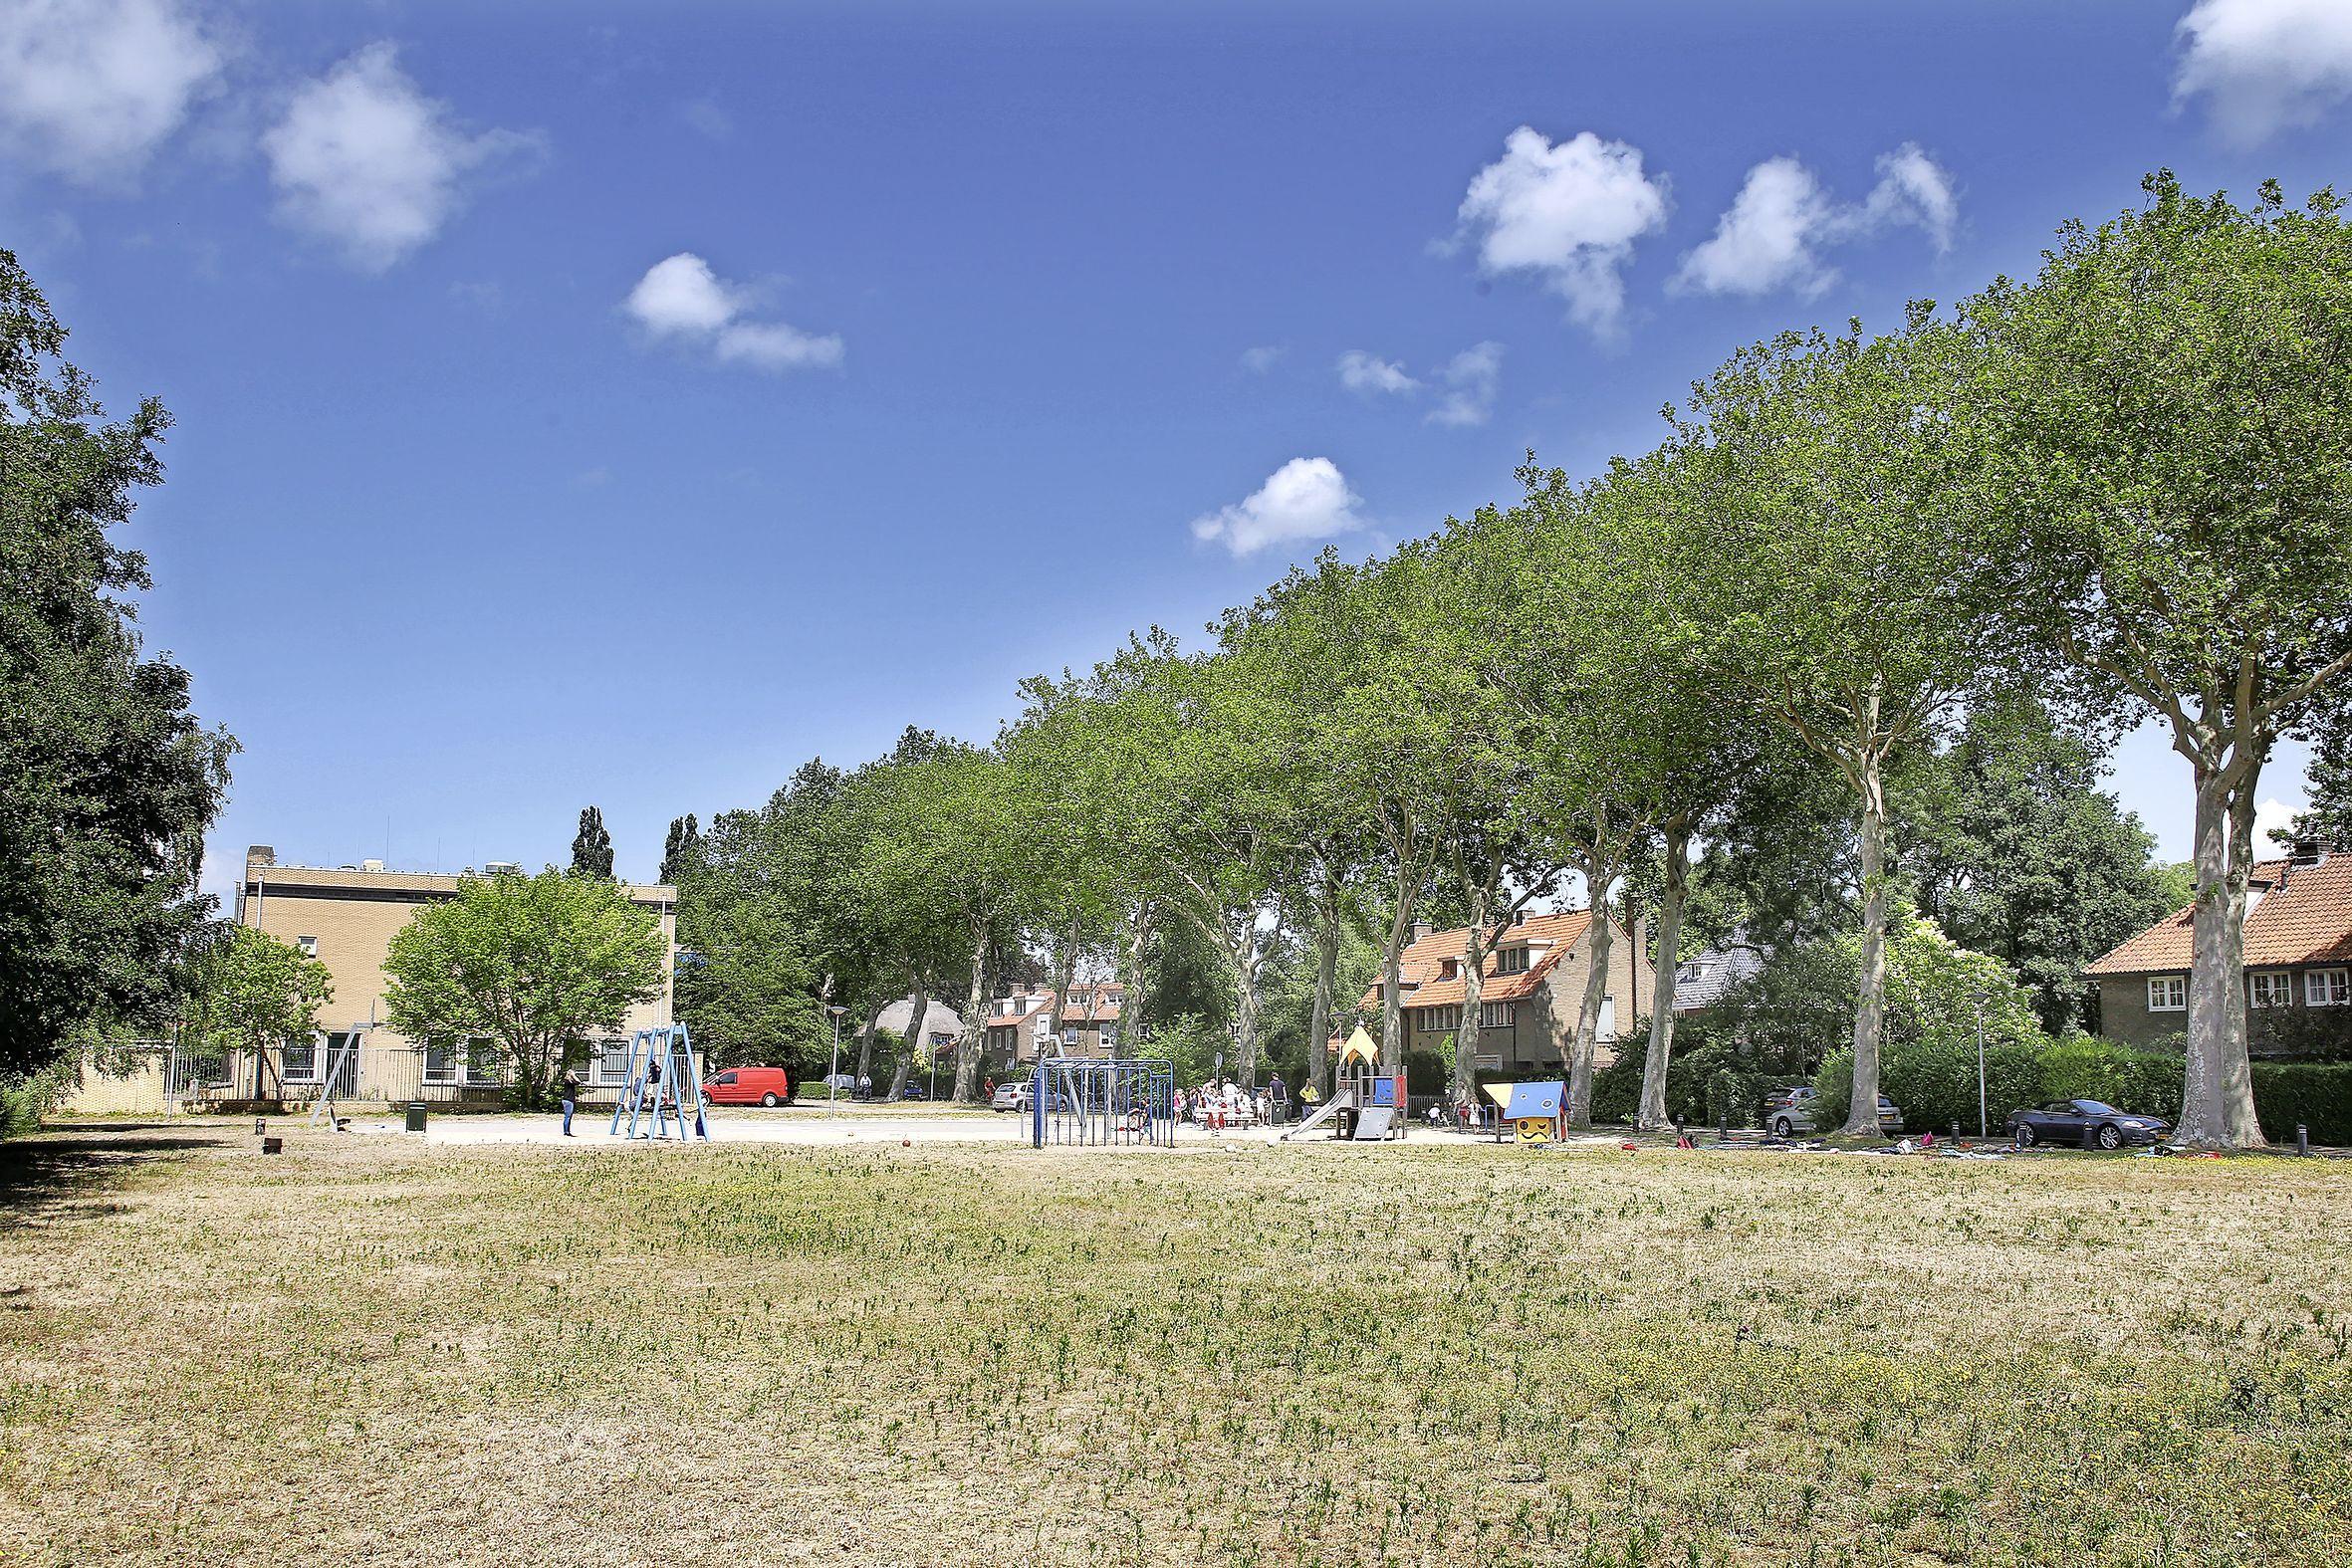 Bouw op speelveld Jan ter Gouwweg in Naarden kan beginnen. Buurt overweegt juridische stappen